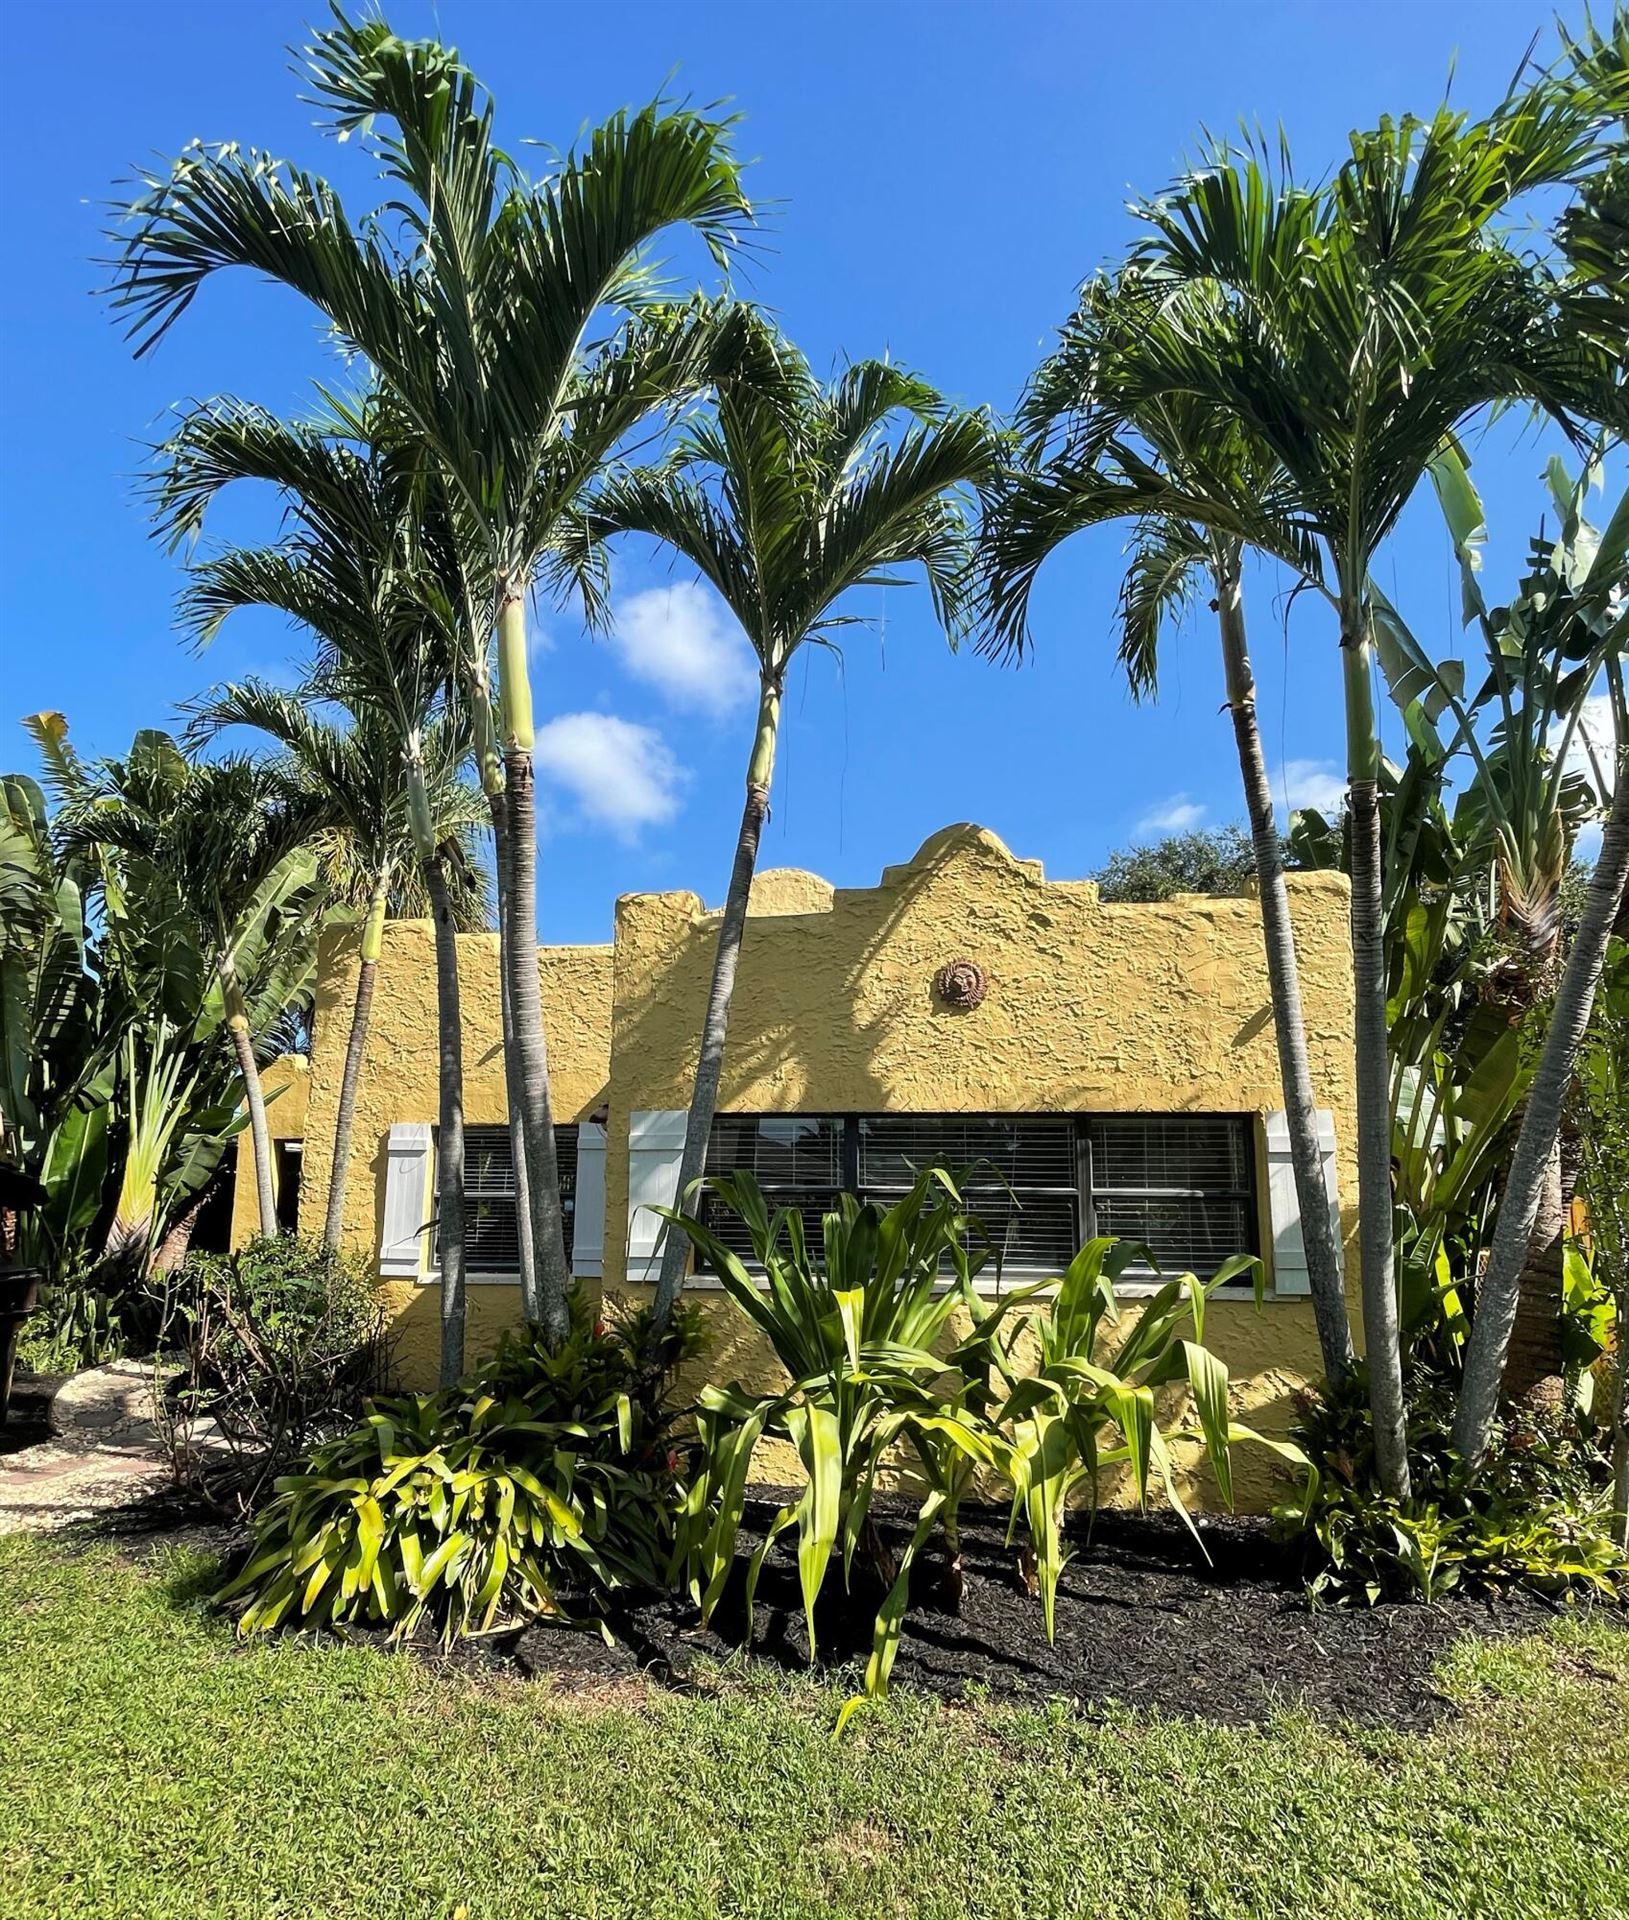 719 Franklin Road, West Palm Beach, FL 33405 - #: RX-10738771